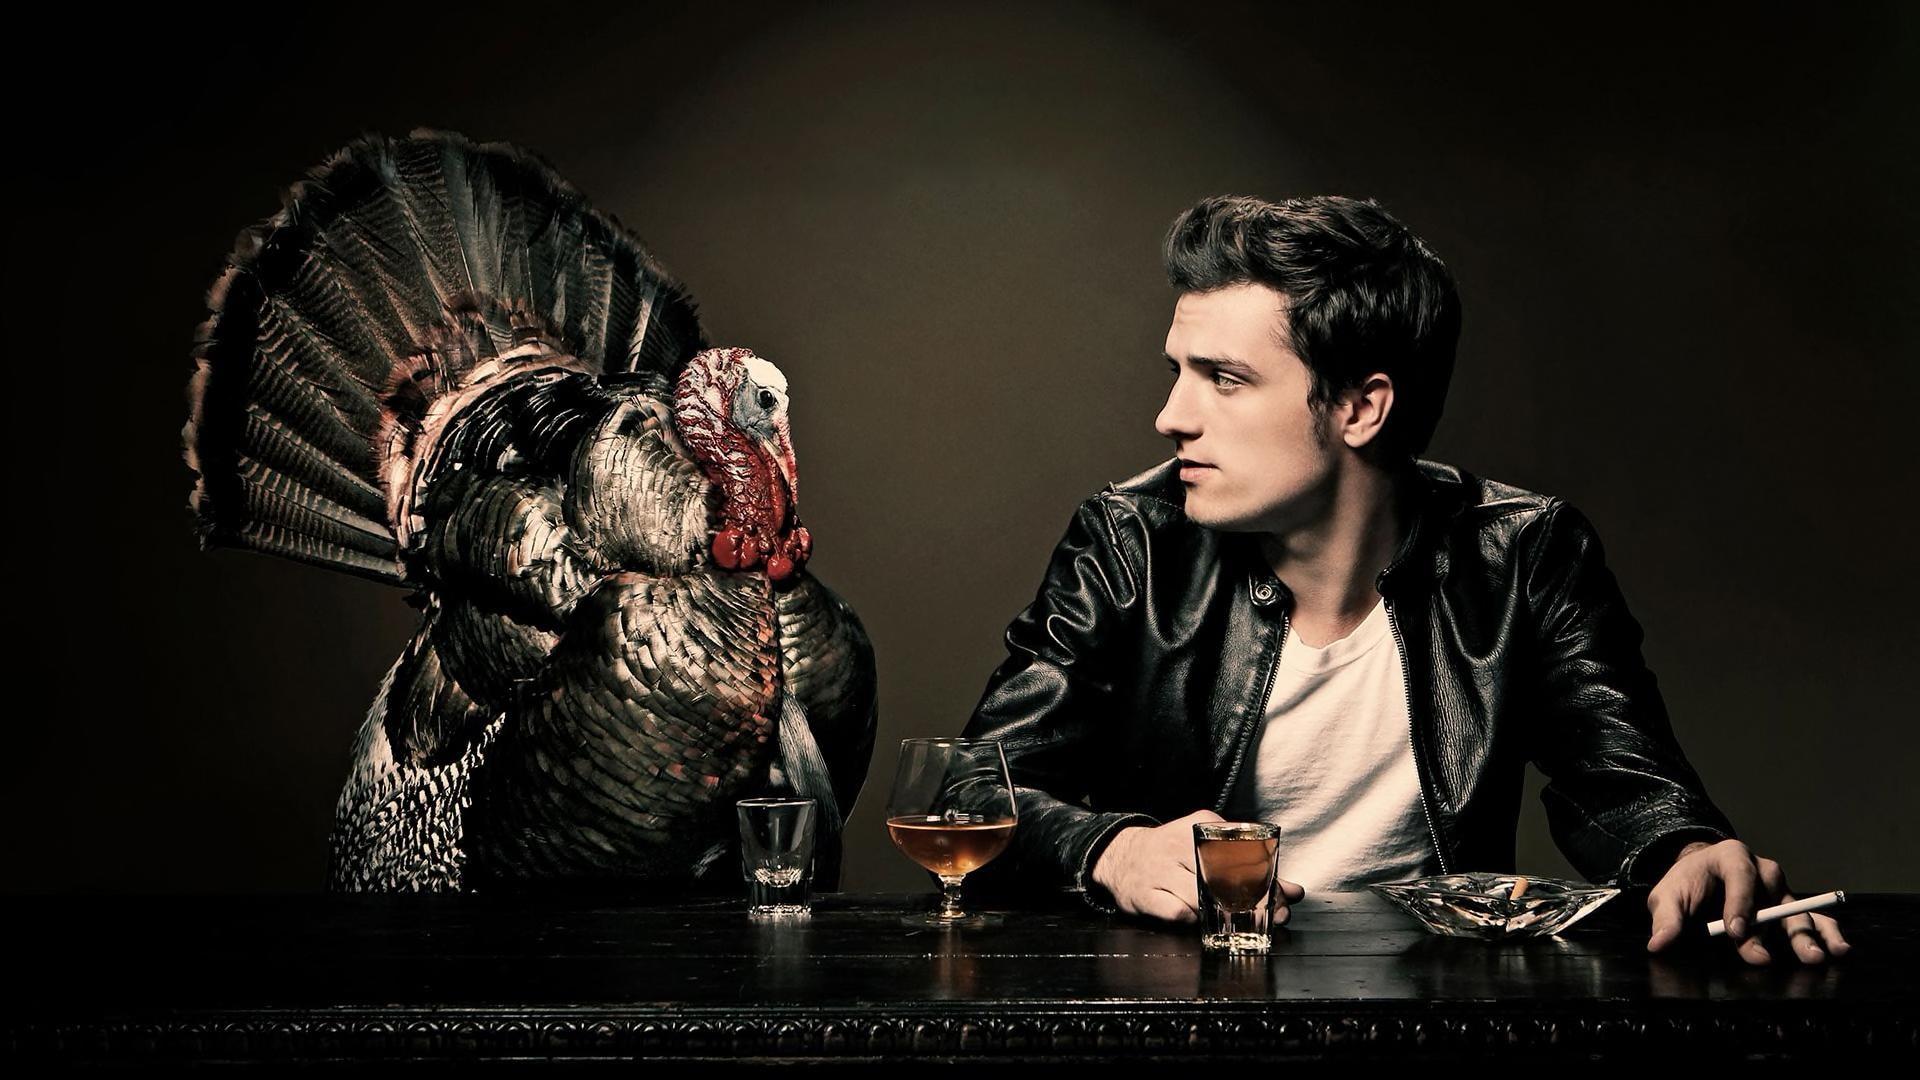 Josh Hutcherson: November 23, 2013